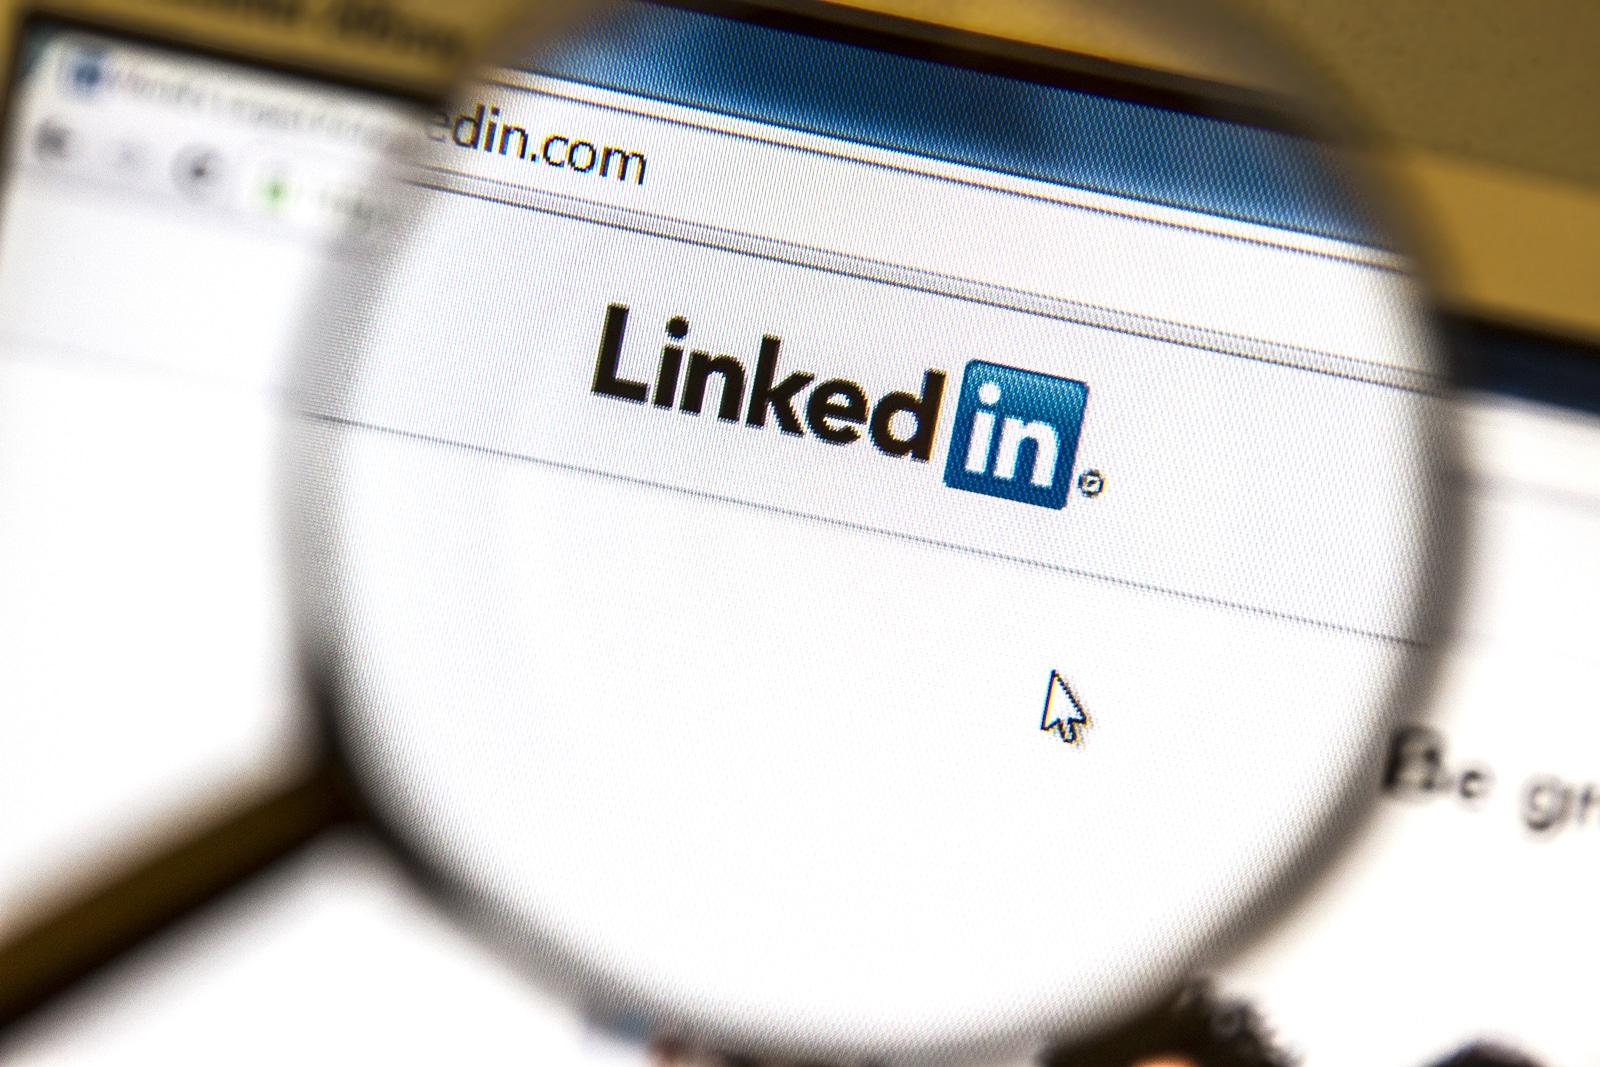 Atención! No cometas estos errores en LinkedIn